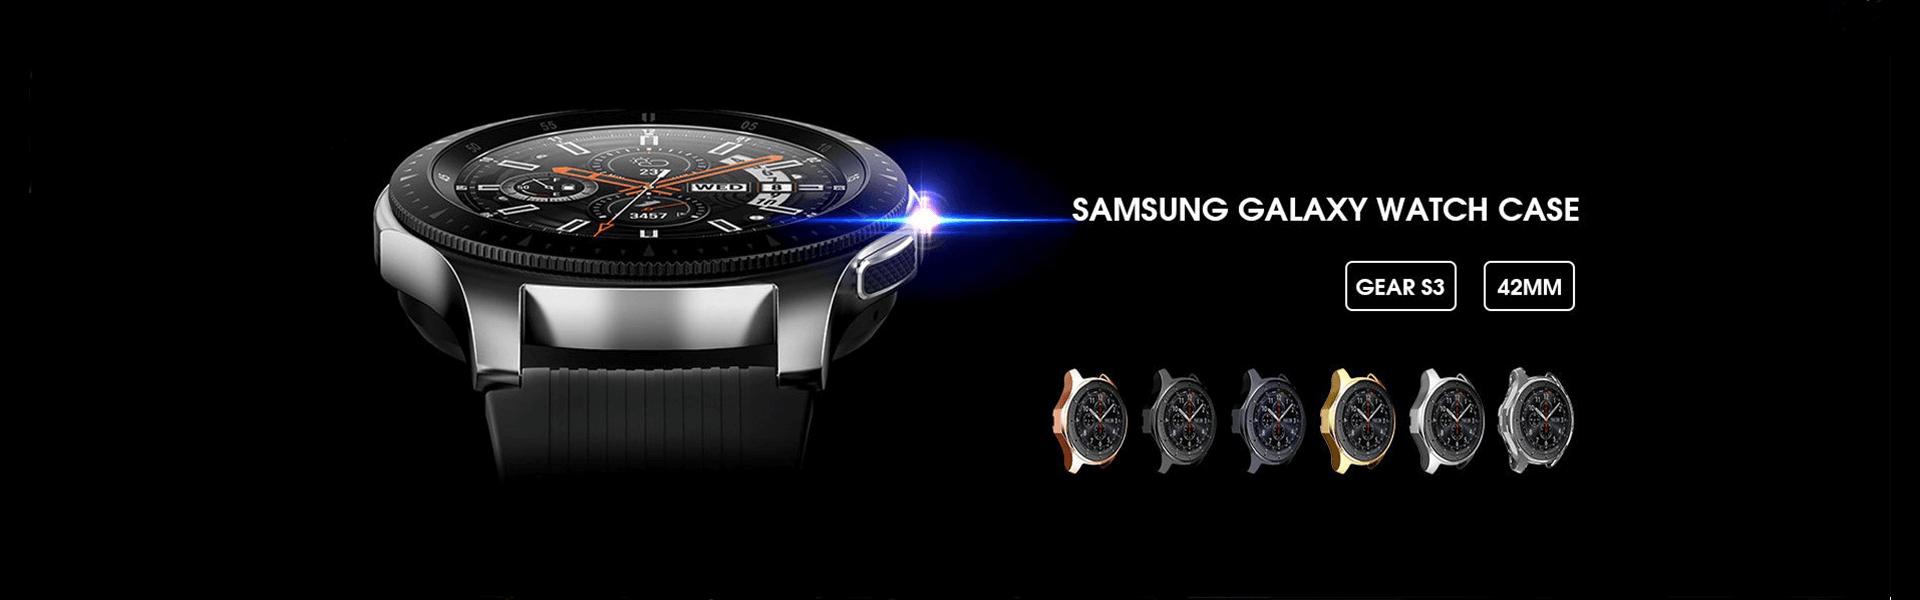 Samsung Watch Cases manufacturer